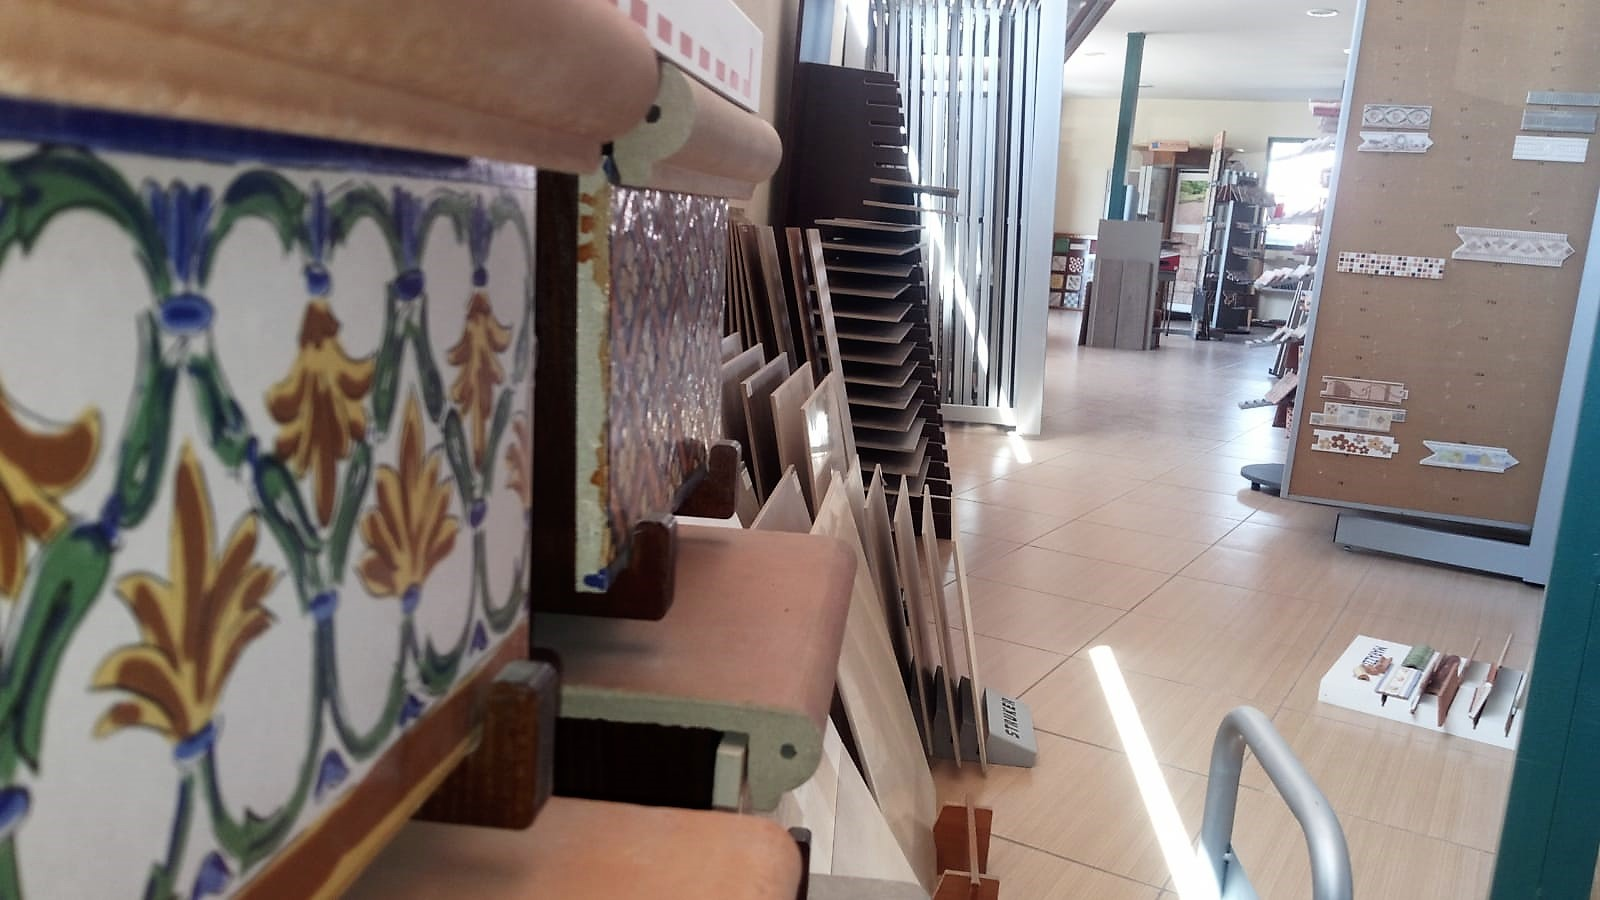 Almacén Materiales de construcción en la Vera Macrodilla jarandilla de la Vera